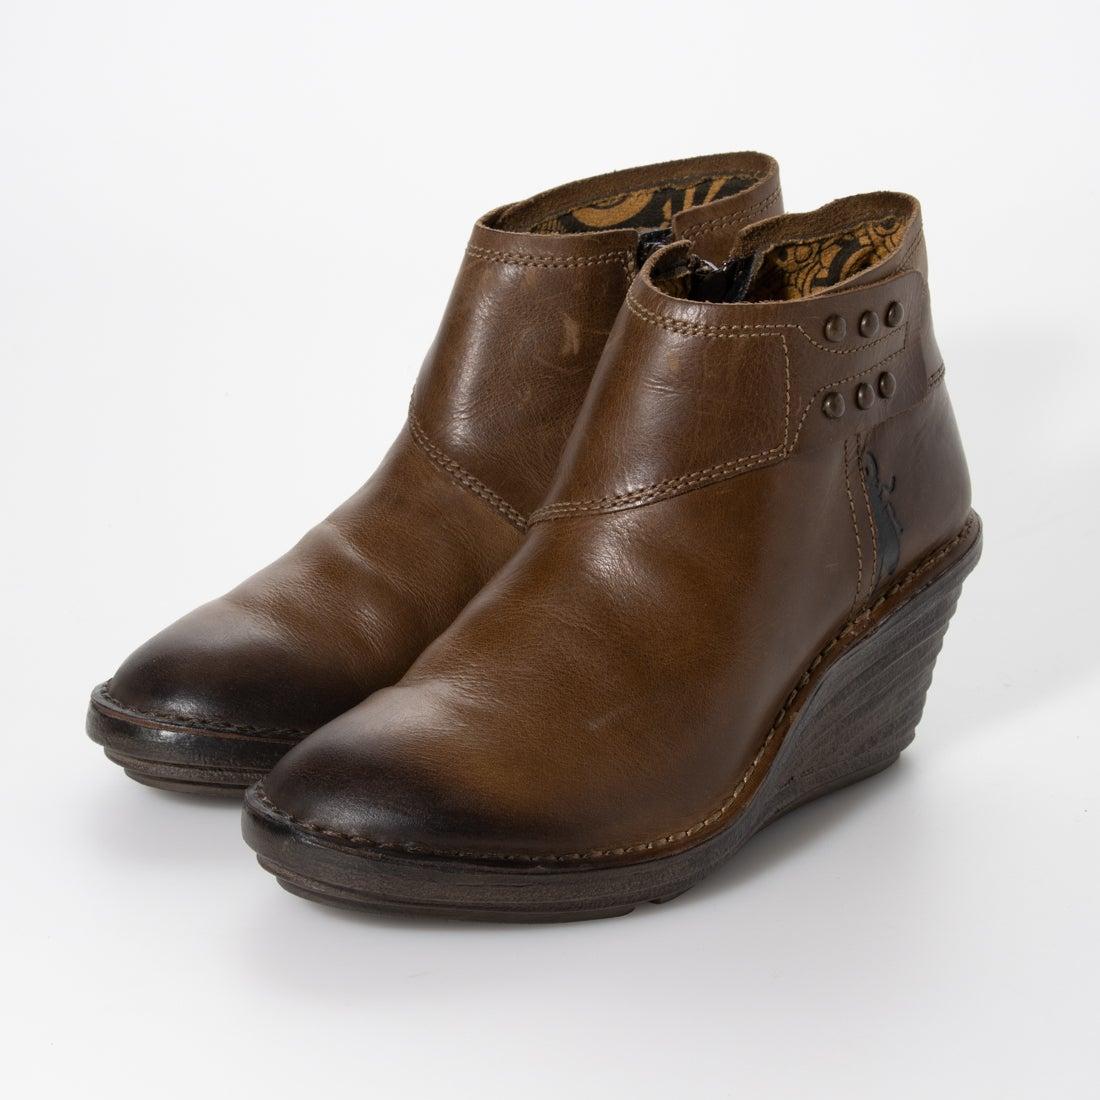 ヨーロッパコンフォートシューズ EU Comfort Shoes FLYLONDON スニーカー (オリーブ)